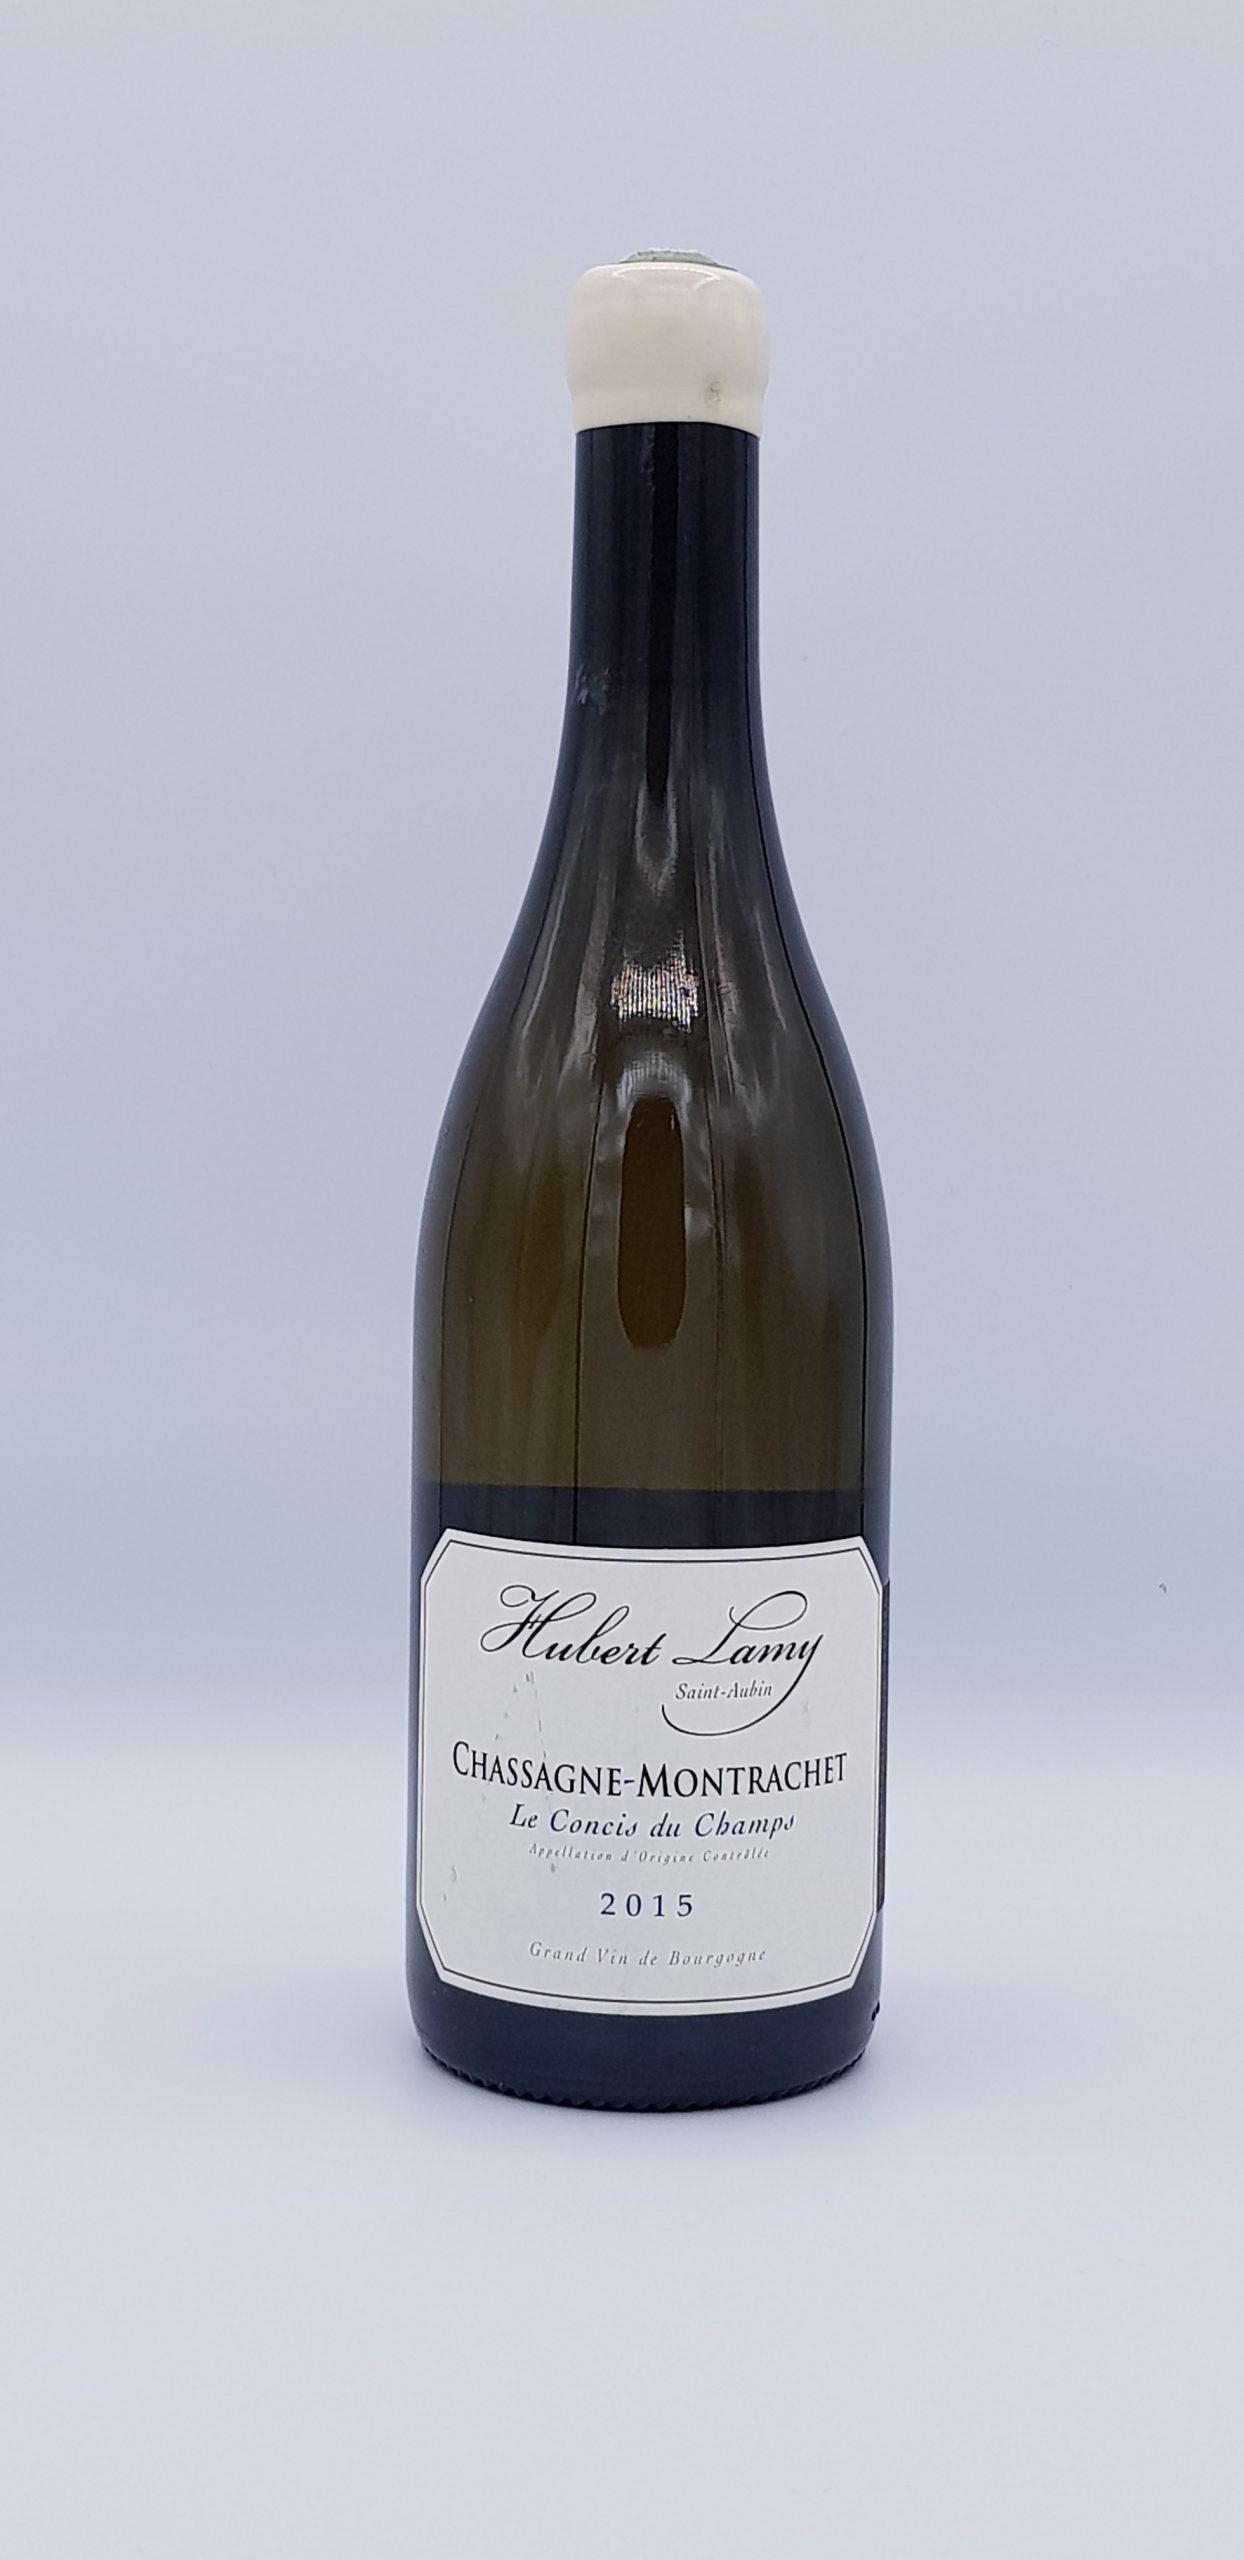 Bourgogne Chassagne Montrachet 2015 Concis Du Champs Dom H Lamy